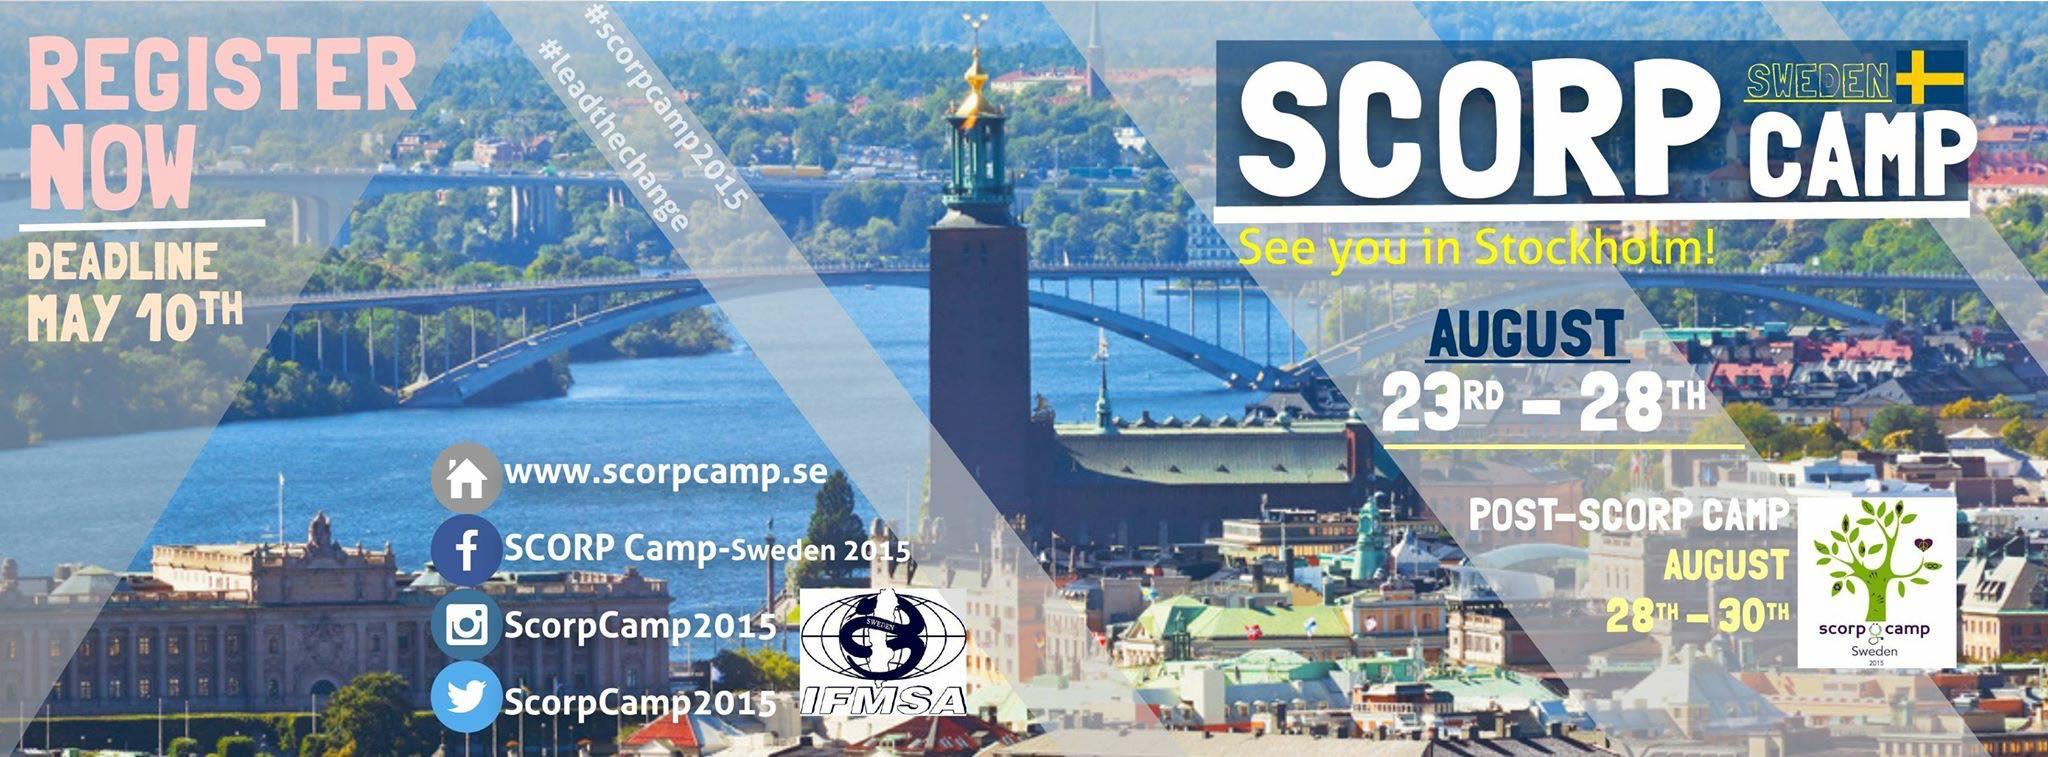 scorpcamp_facebook